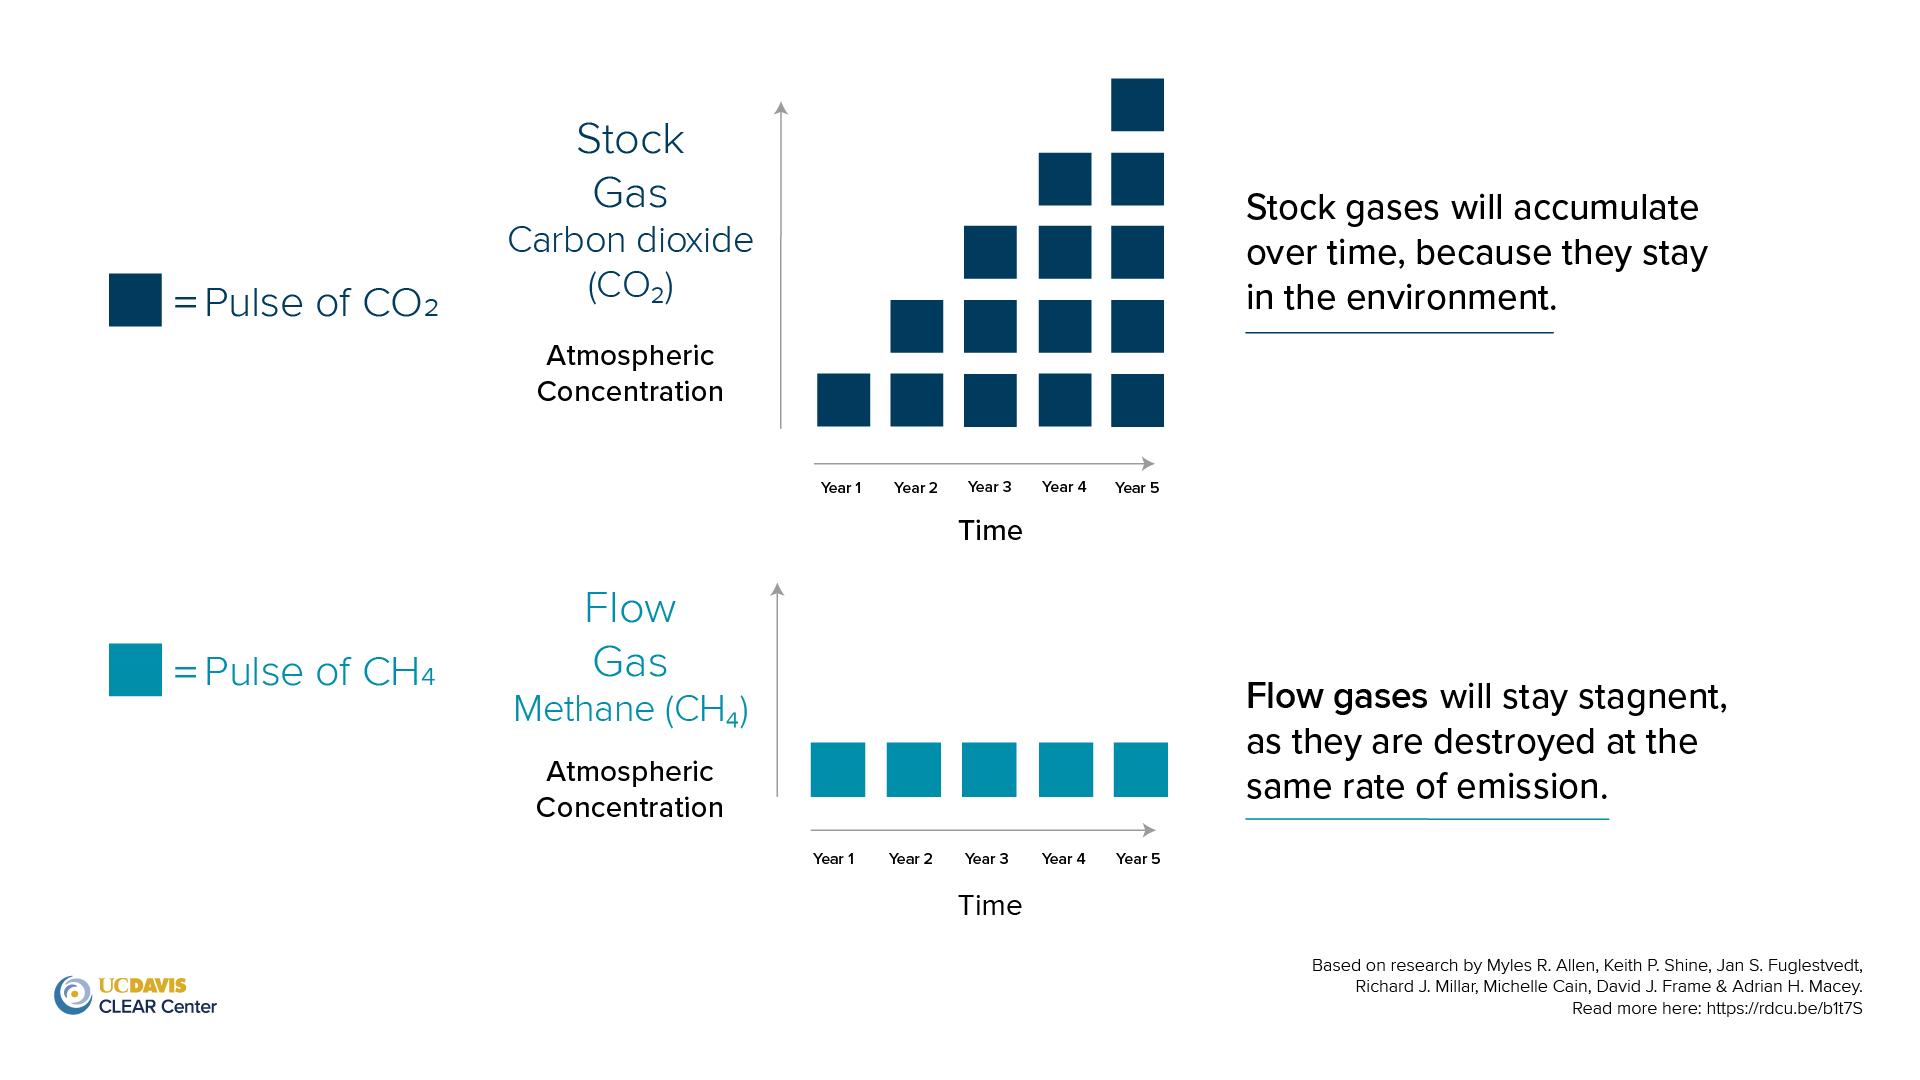 Stock versus flow gas infographic